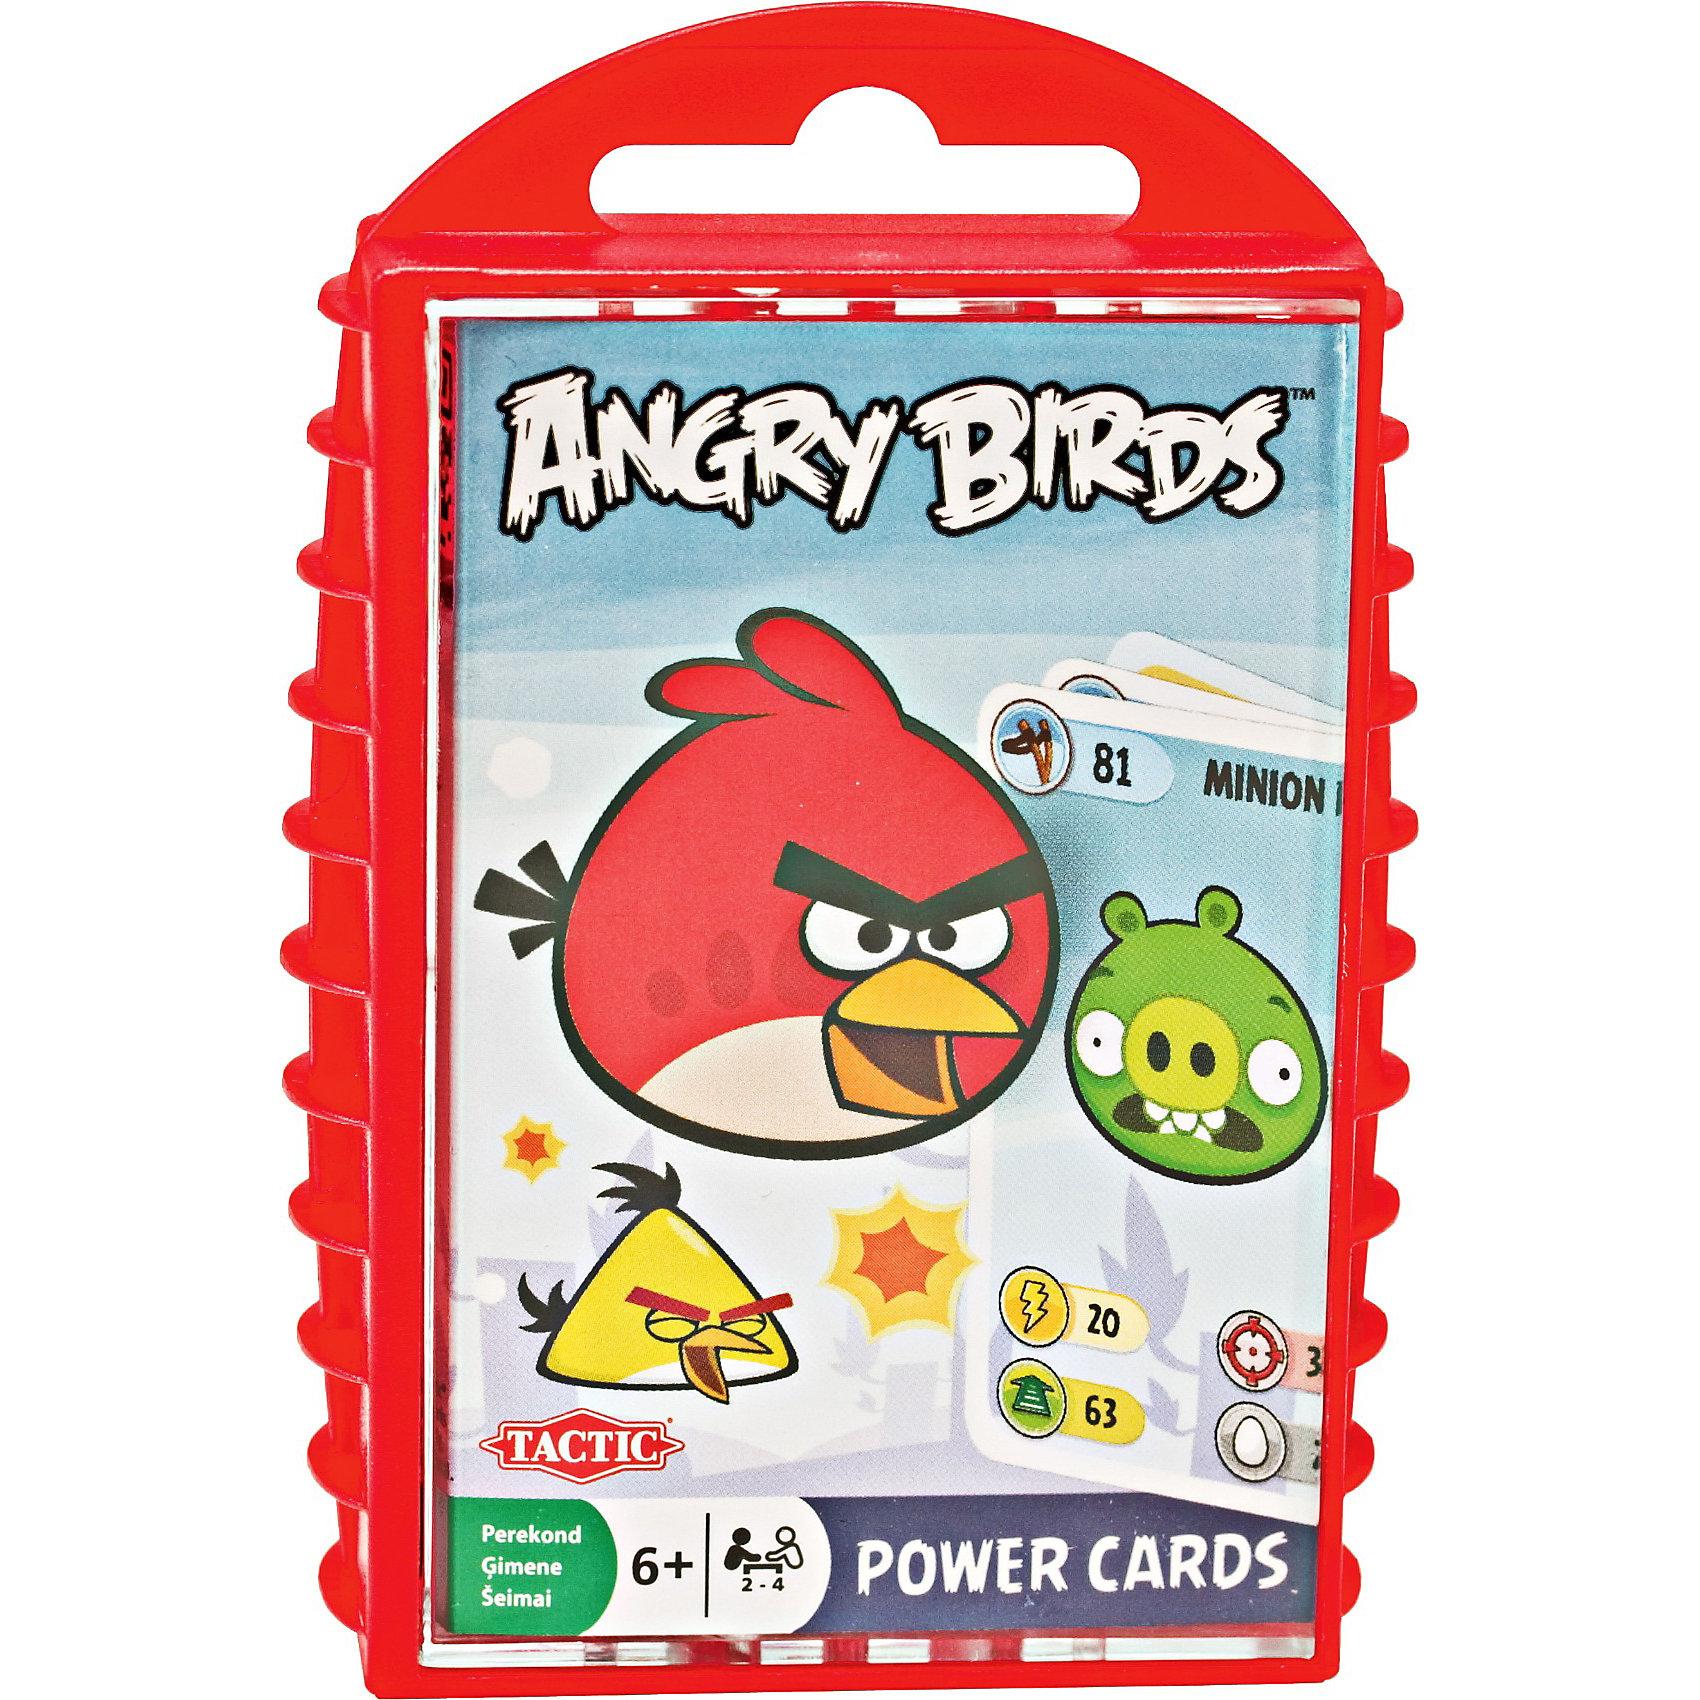 Игра с карточками Angry Birds, Tactic GamesИгры для развлечений<br>Эта новинка от компании Tactic Games придется по вкусу всем любителям компьютерной аркады Angry Birds (Злые Птички)про маленьких, но очень суровых птичек. Здесь вам предстоит построить каменную, ледяную или деревянную башню из карточек первым. Сравнивайте показатели Силы и Цели на карточках и определяйте, кто побьет всех, а кто сможет построить свою башню и разрушить вражескую. <br><br>Дополнительная информация:<br><br>-  В комплект входят: правила игры, 33 двухсторонних карточки, удобный контейнер для хранения и переноски<br><br>Tactic Games Игру с карточками Angry Birds можно купить в нашем магазине.<br><br>Ширина мм: 120<br>Глубина мм: 85<br>Высота мм: 25<br>Вес г: 220<br>Возраст от месяцев: 72<br>Возраст до месяцев: 192<br>Пол: Унисекс<br>Возраст: Детский<br>SKU: 3174986